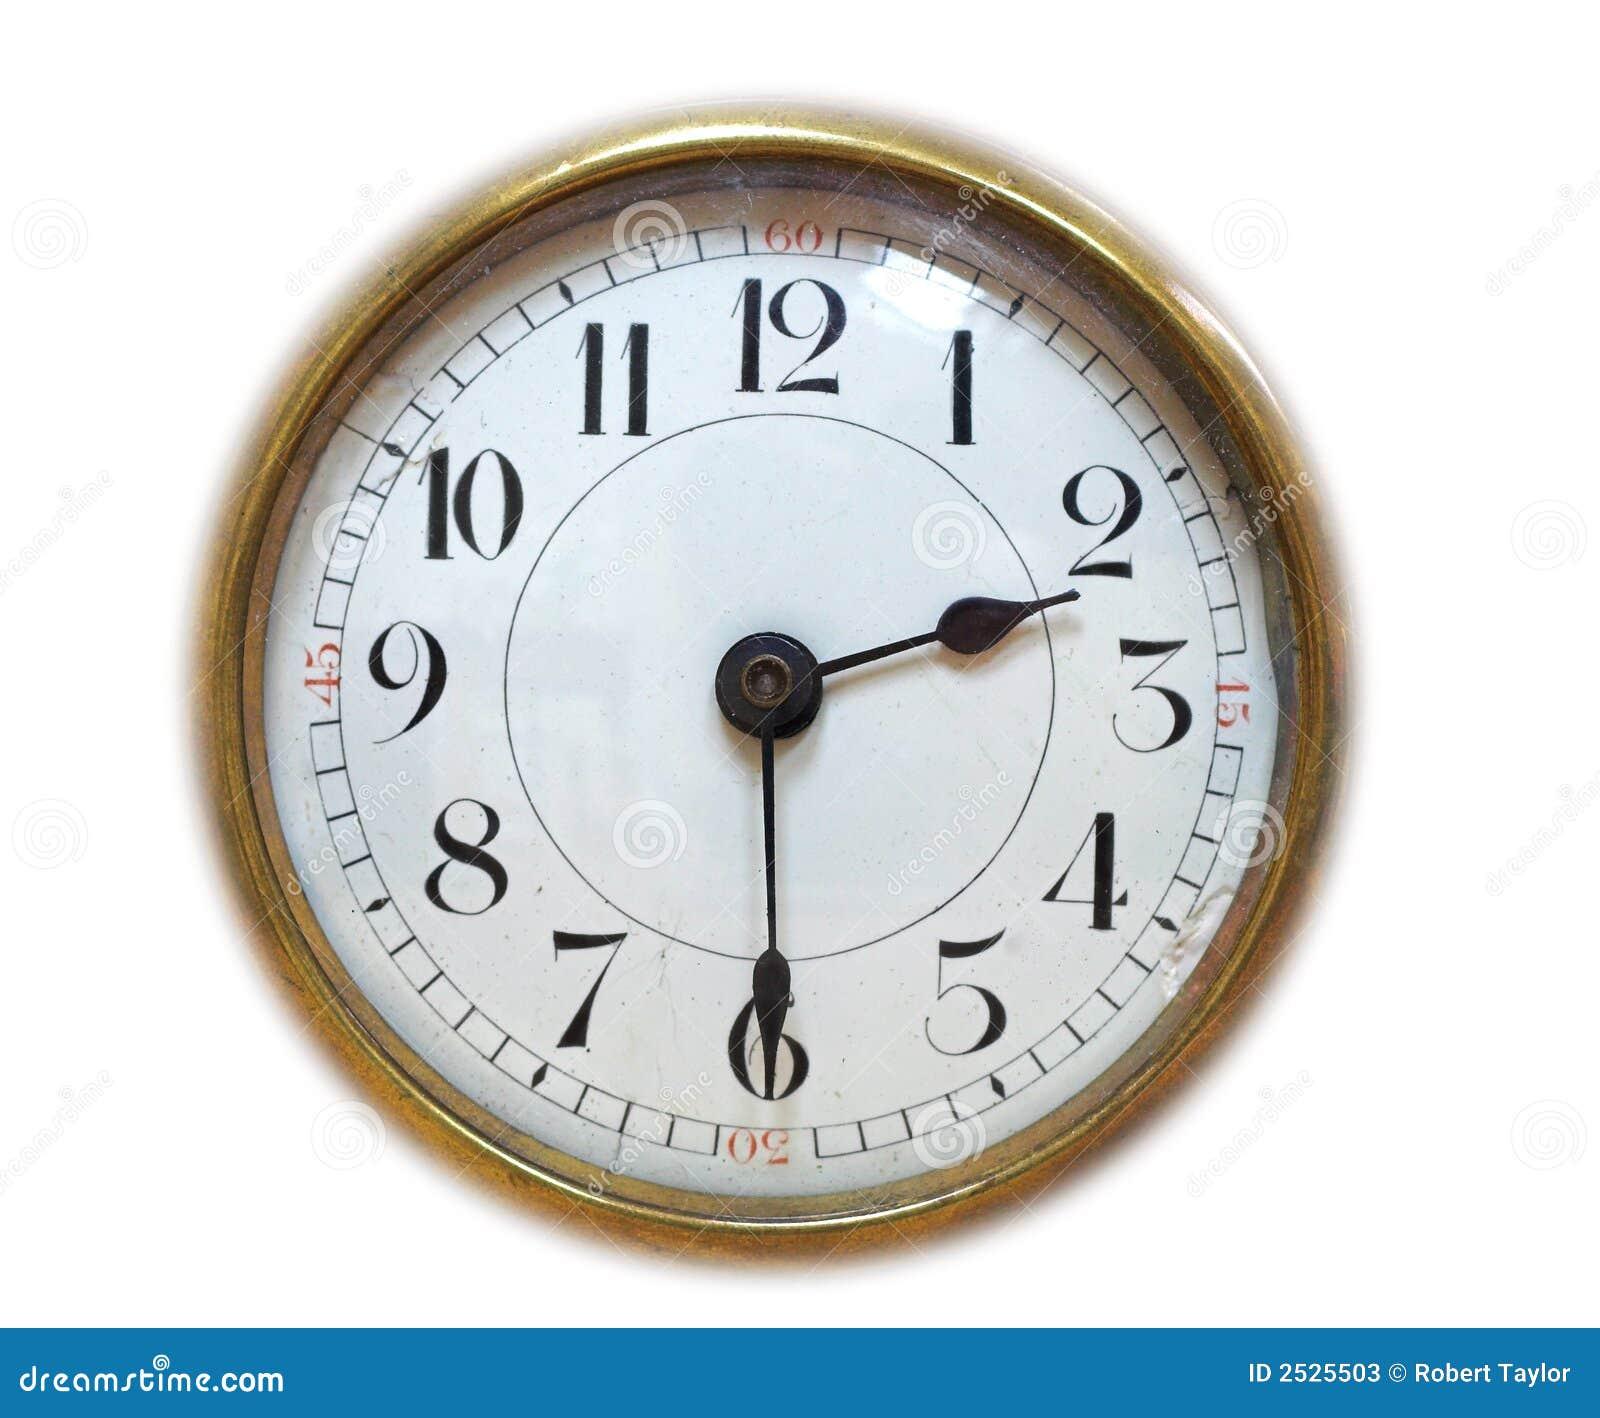 Antique clock face stock photos image 2525503